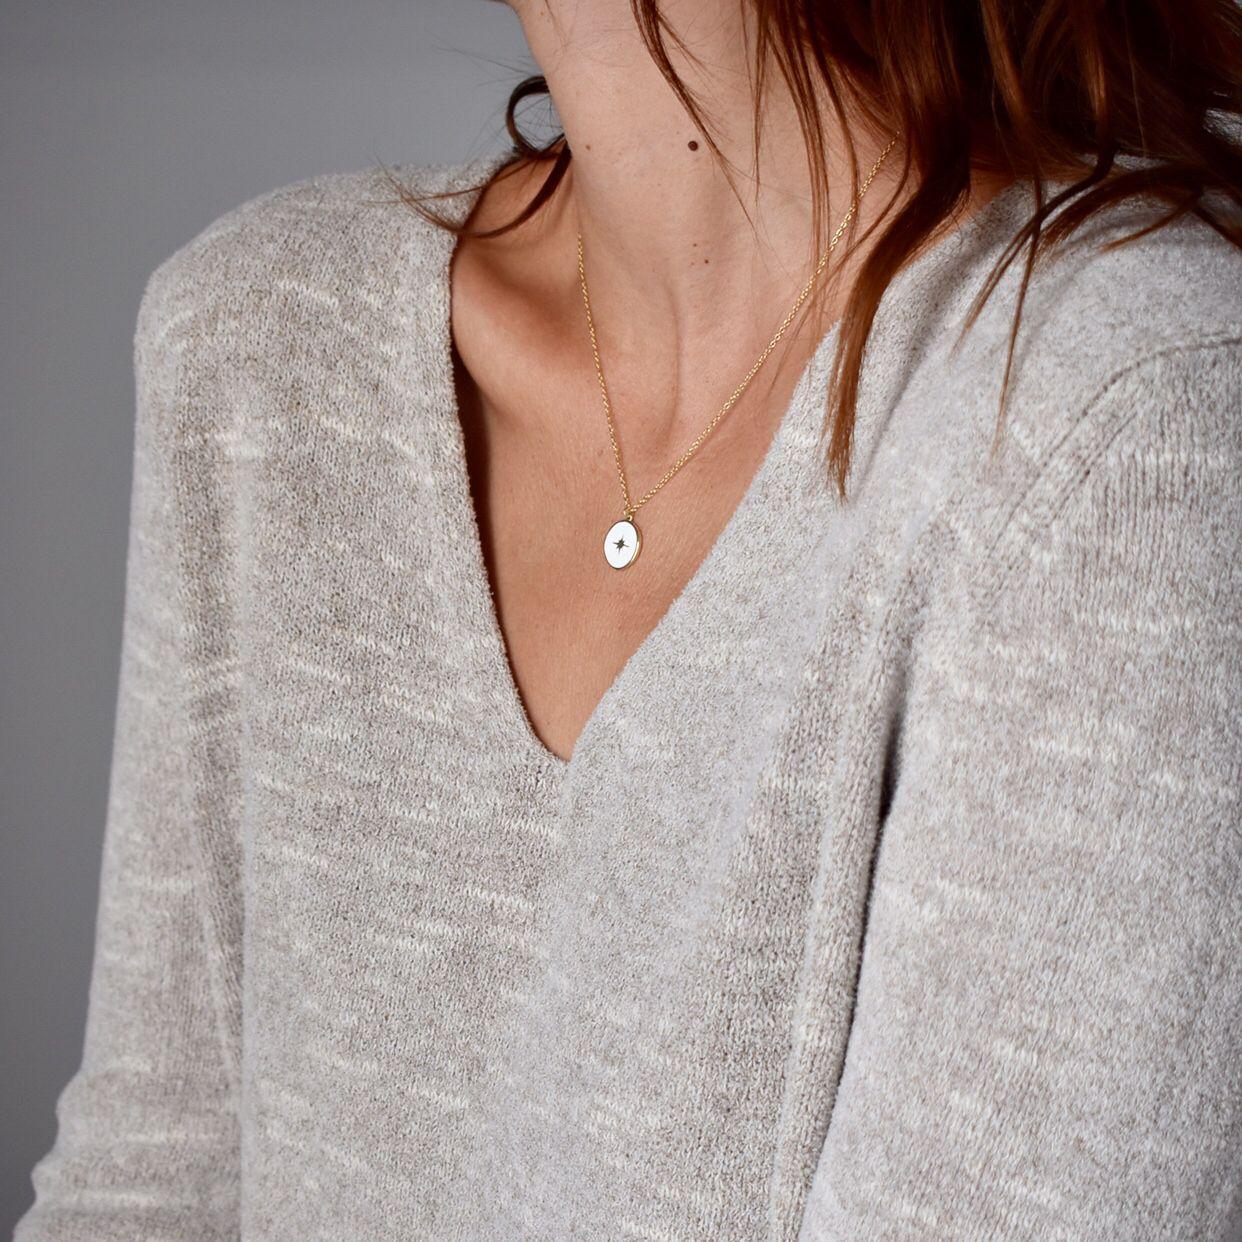 411546319544 desirsjoyas joyas minimalistas de plata. Moda 2019